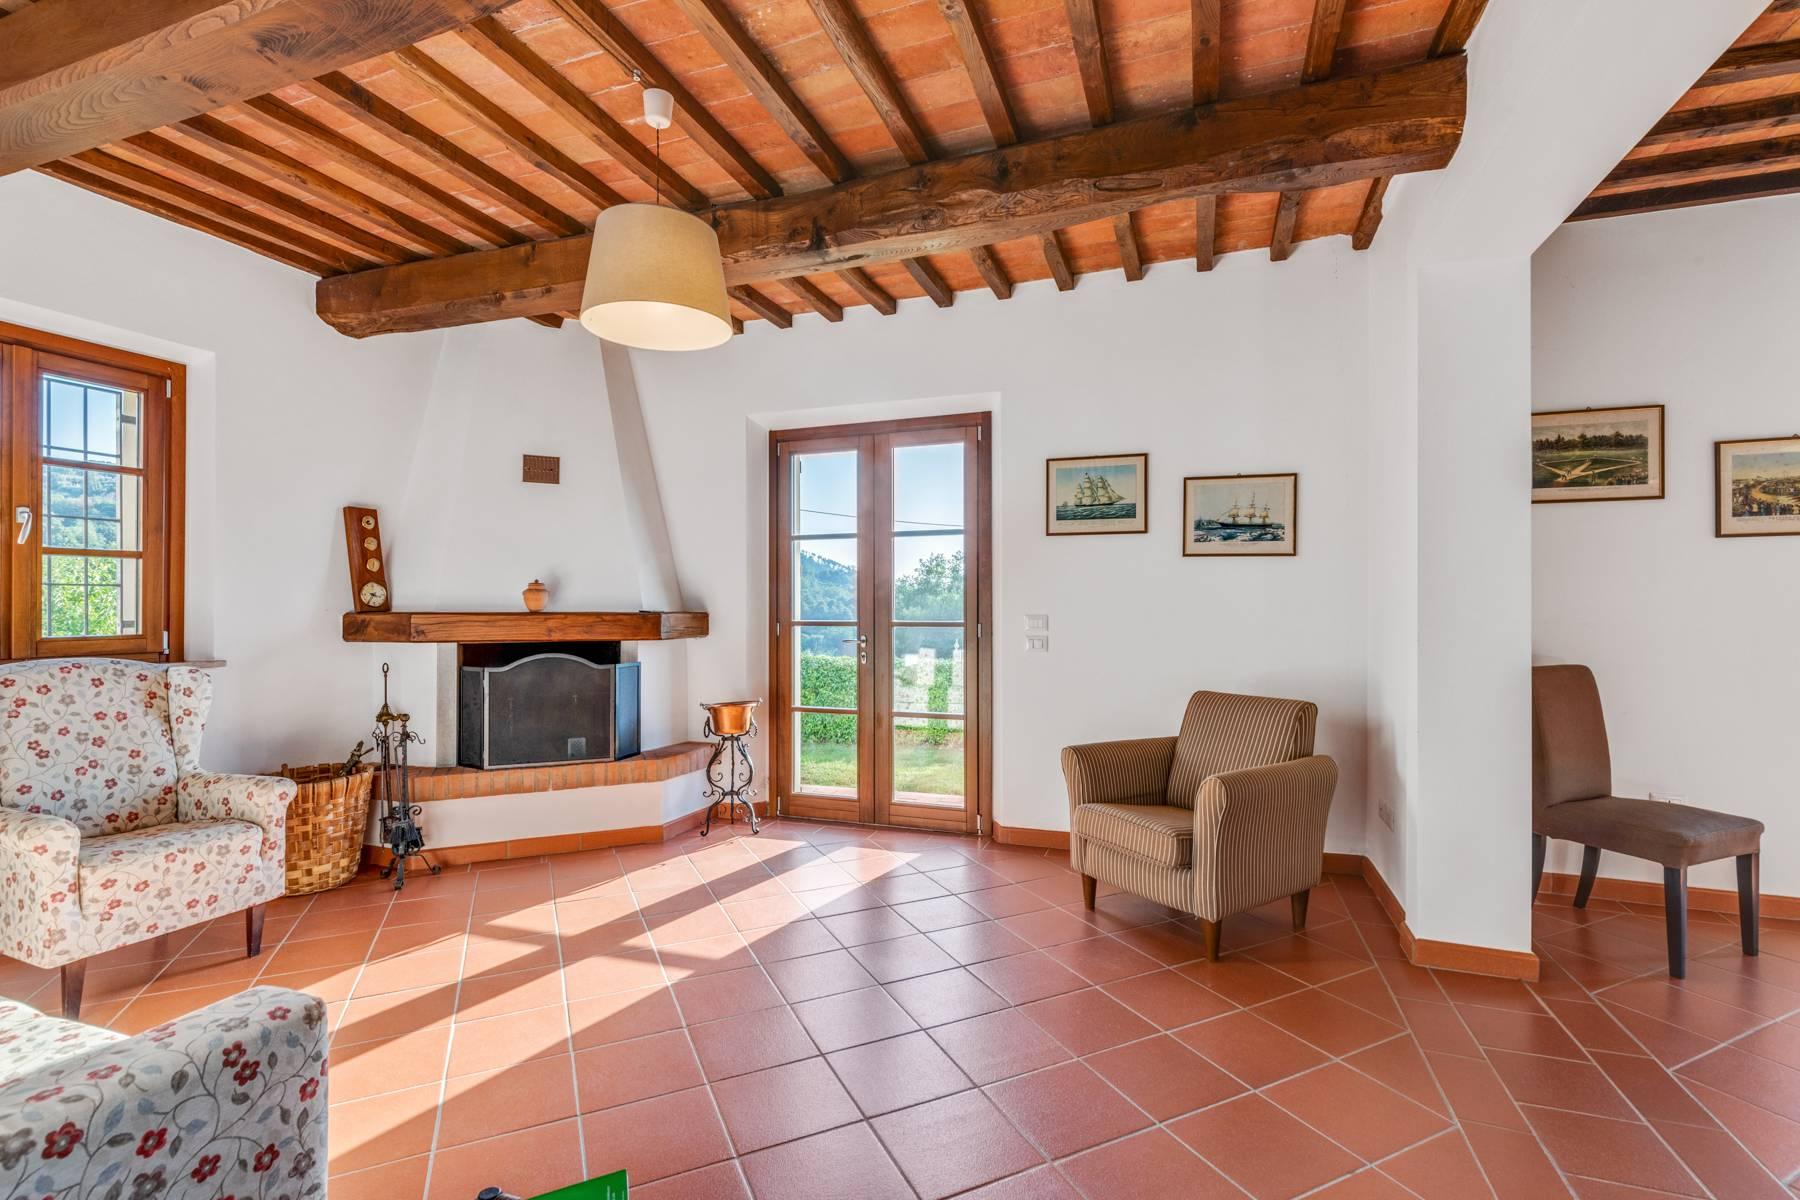 Rustico in Vendita a Monsummano Terme: 5 locali, 380 mq - Foto 15